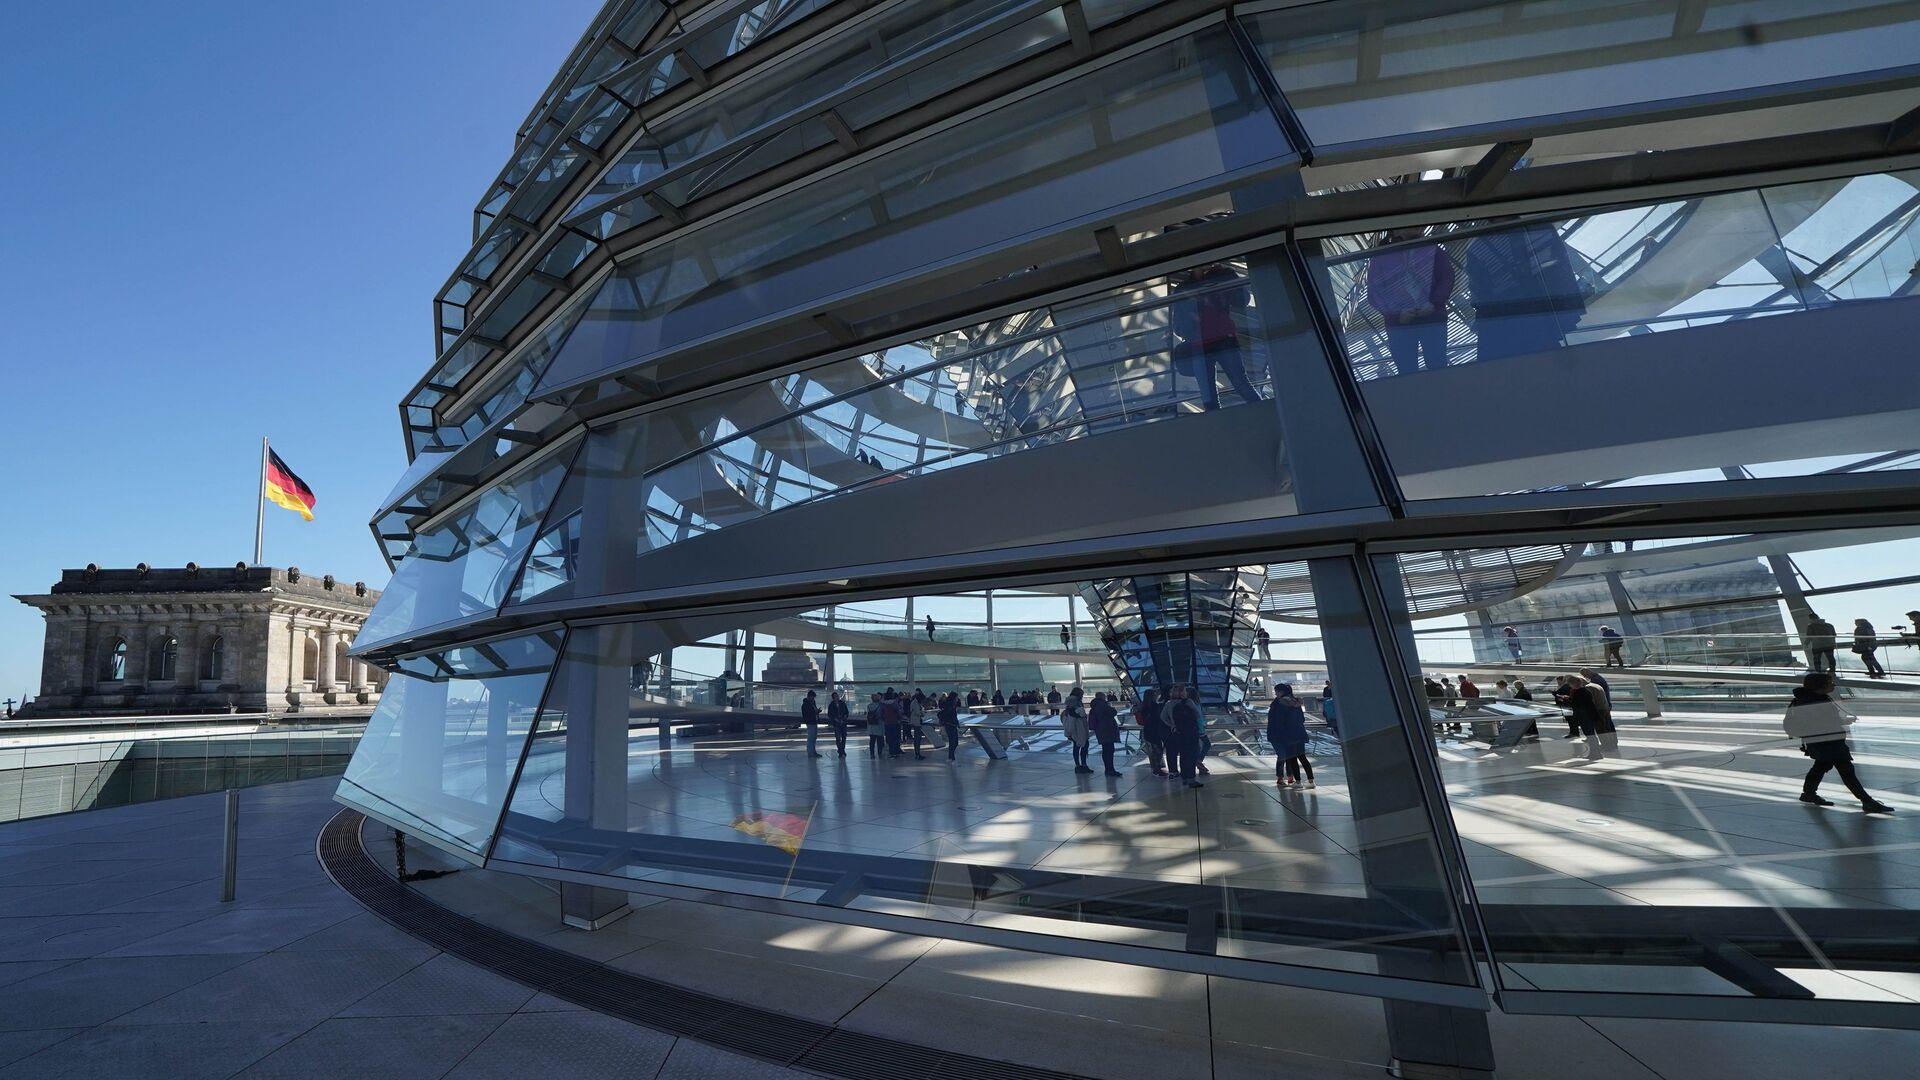 Современный стеклянный купол реконструированного здания Рейхстага в Берлине - РИА Новости, 1920, 02.10.2020